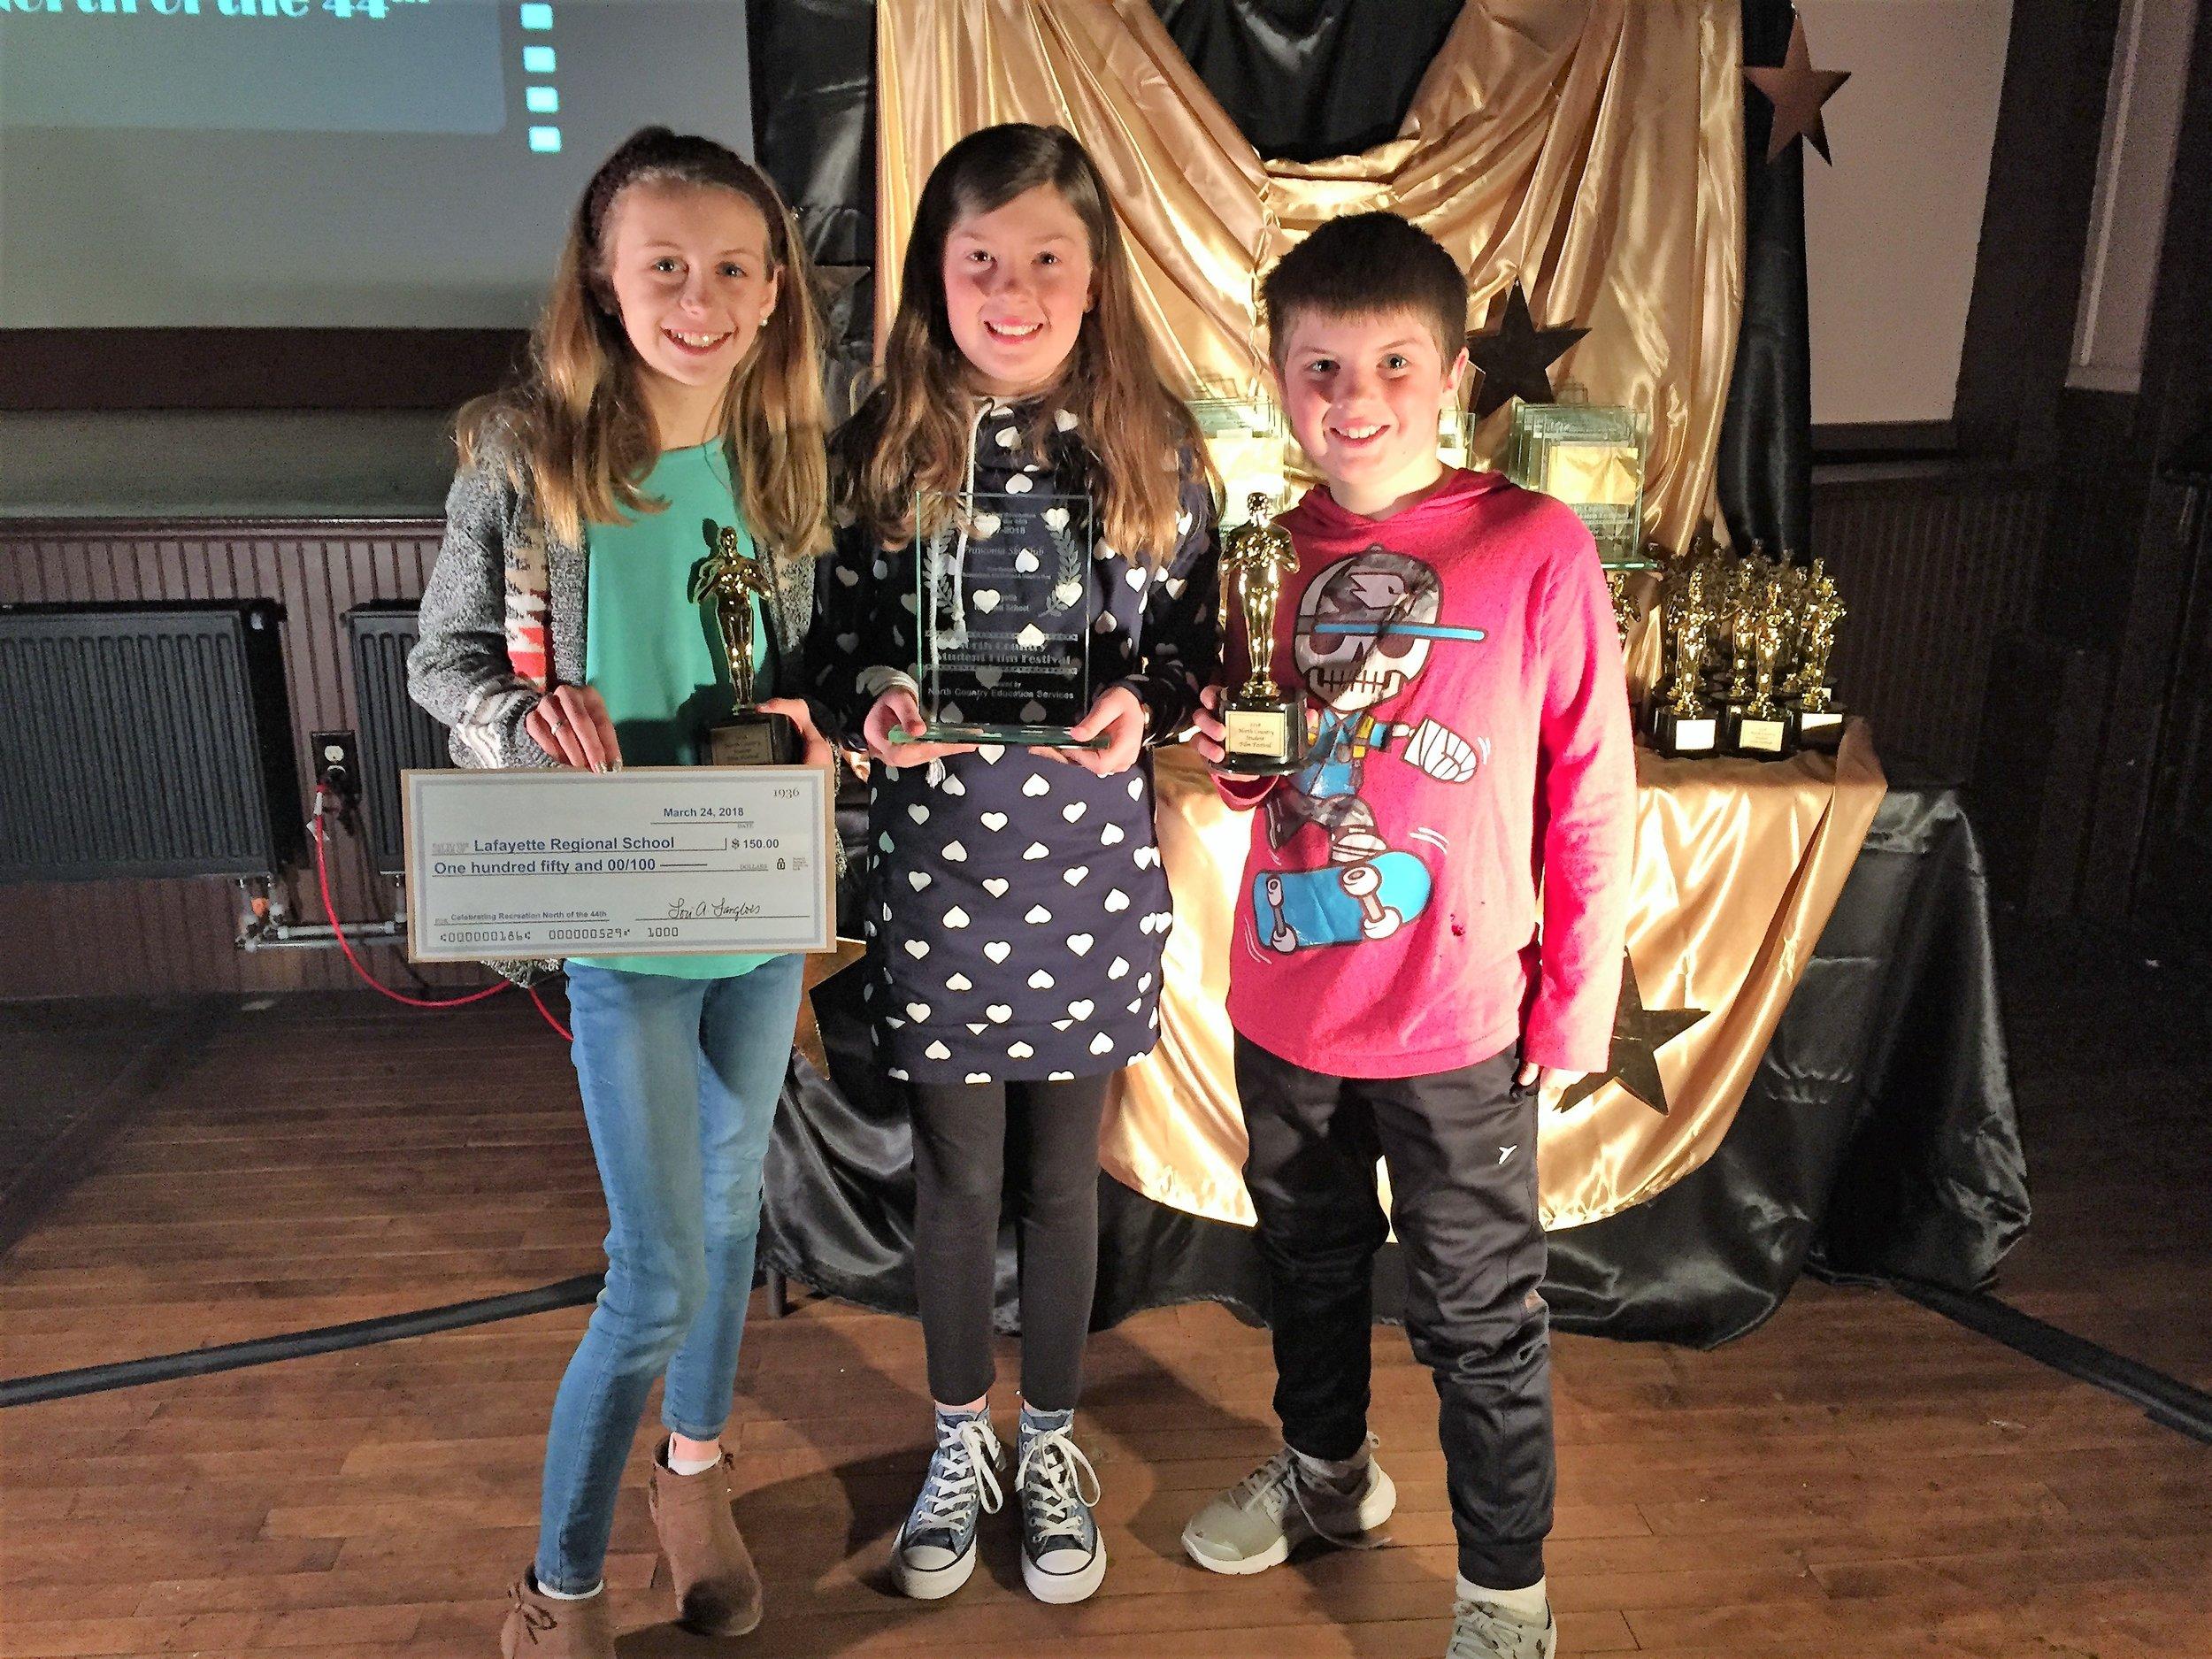 """Winner: Celebrating Recreation North of the 44th   """"Franconia Ski Club"""" by Lafayette Regional School"""